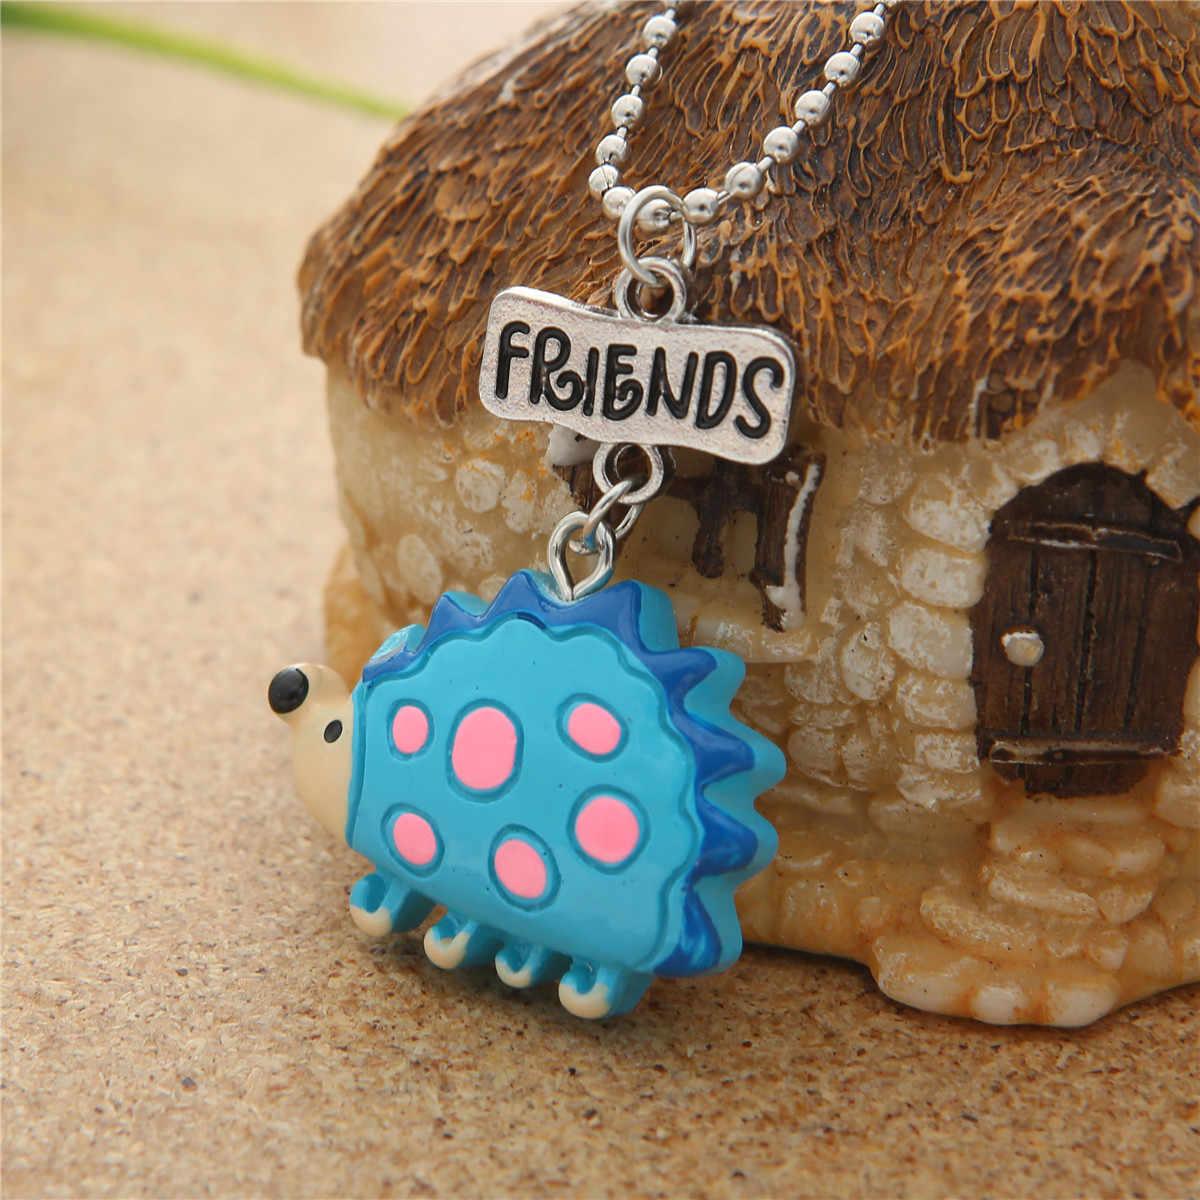 Resina Argila Mole Plástico Ouriço Dos Desenhos Animados Melhores Amigos Para Sempre Pingente Crianças Colar BFF Amizade Jóias